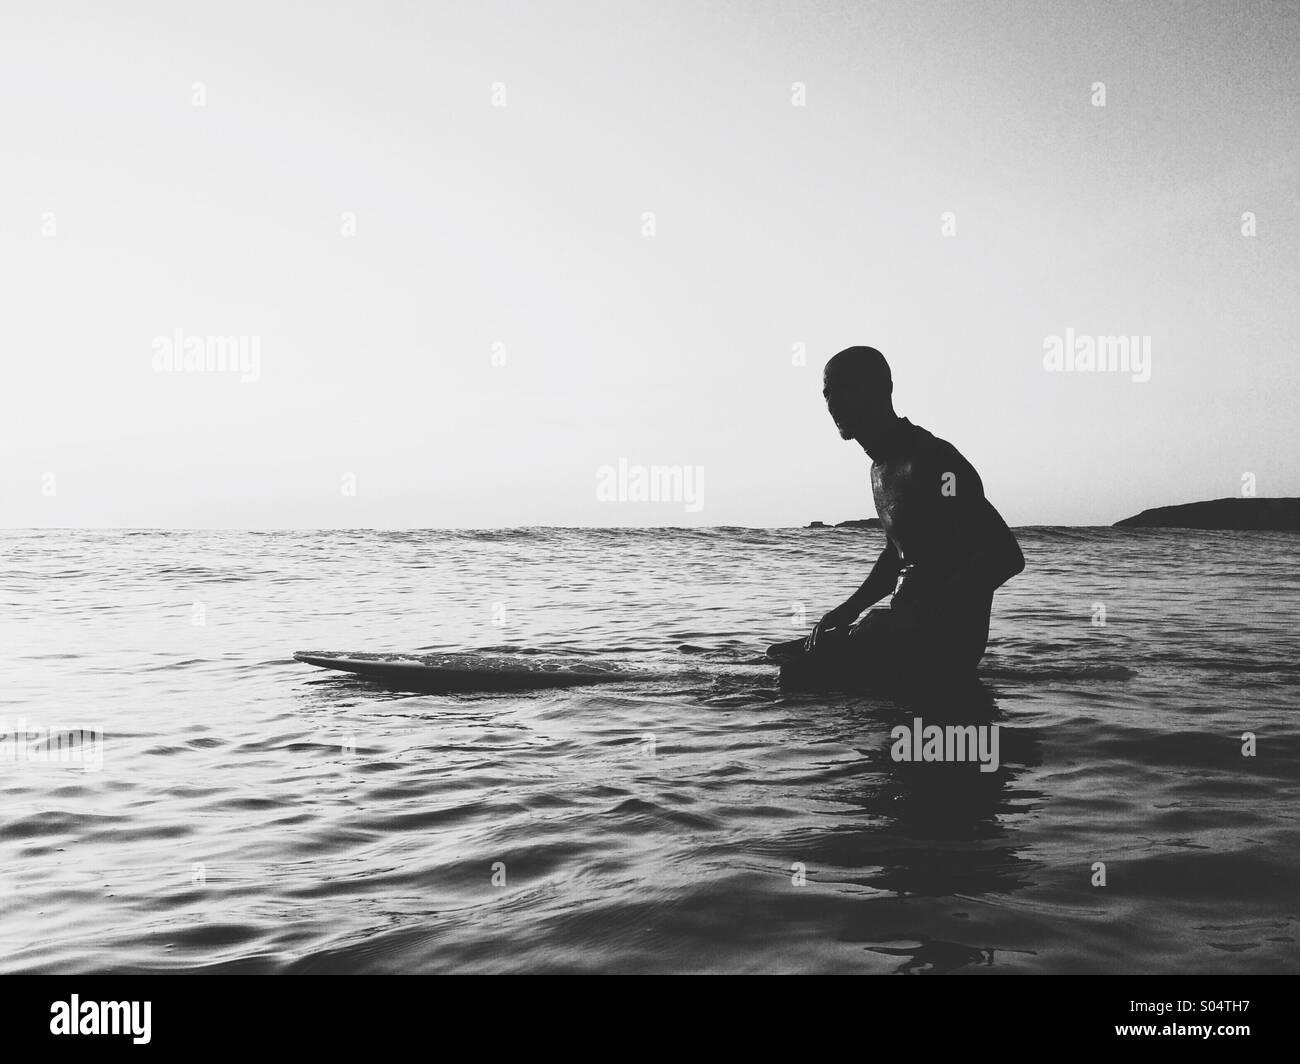 Surfer auf Surfbrett Wellen warten. Stockbild